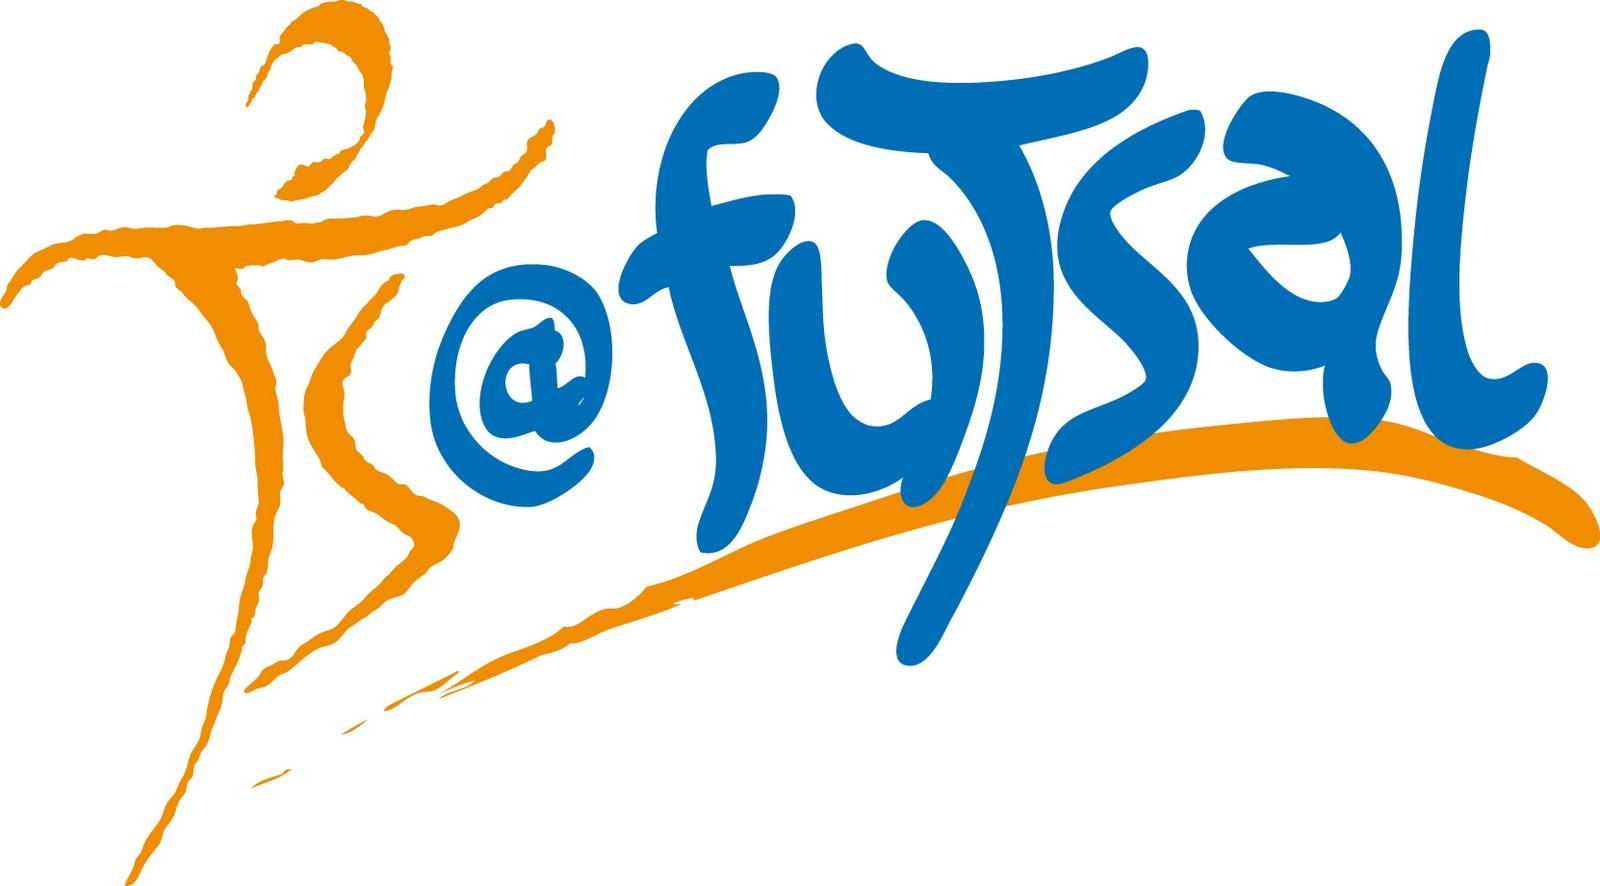 Gambar Kartun Bola Futsal Keren | Bestkartun